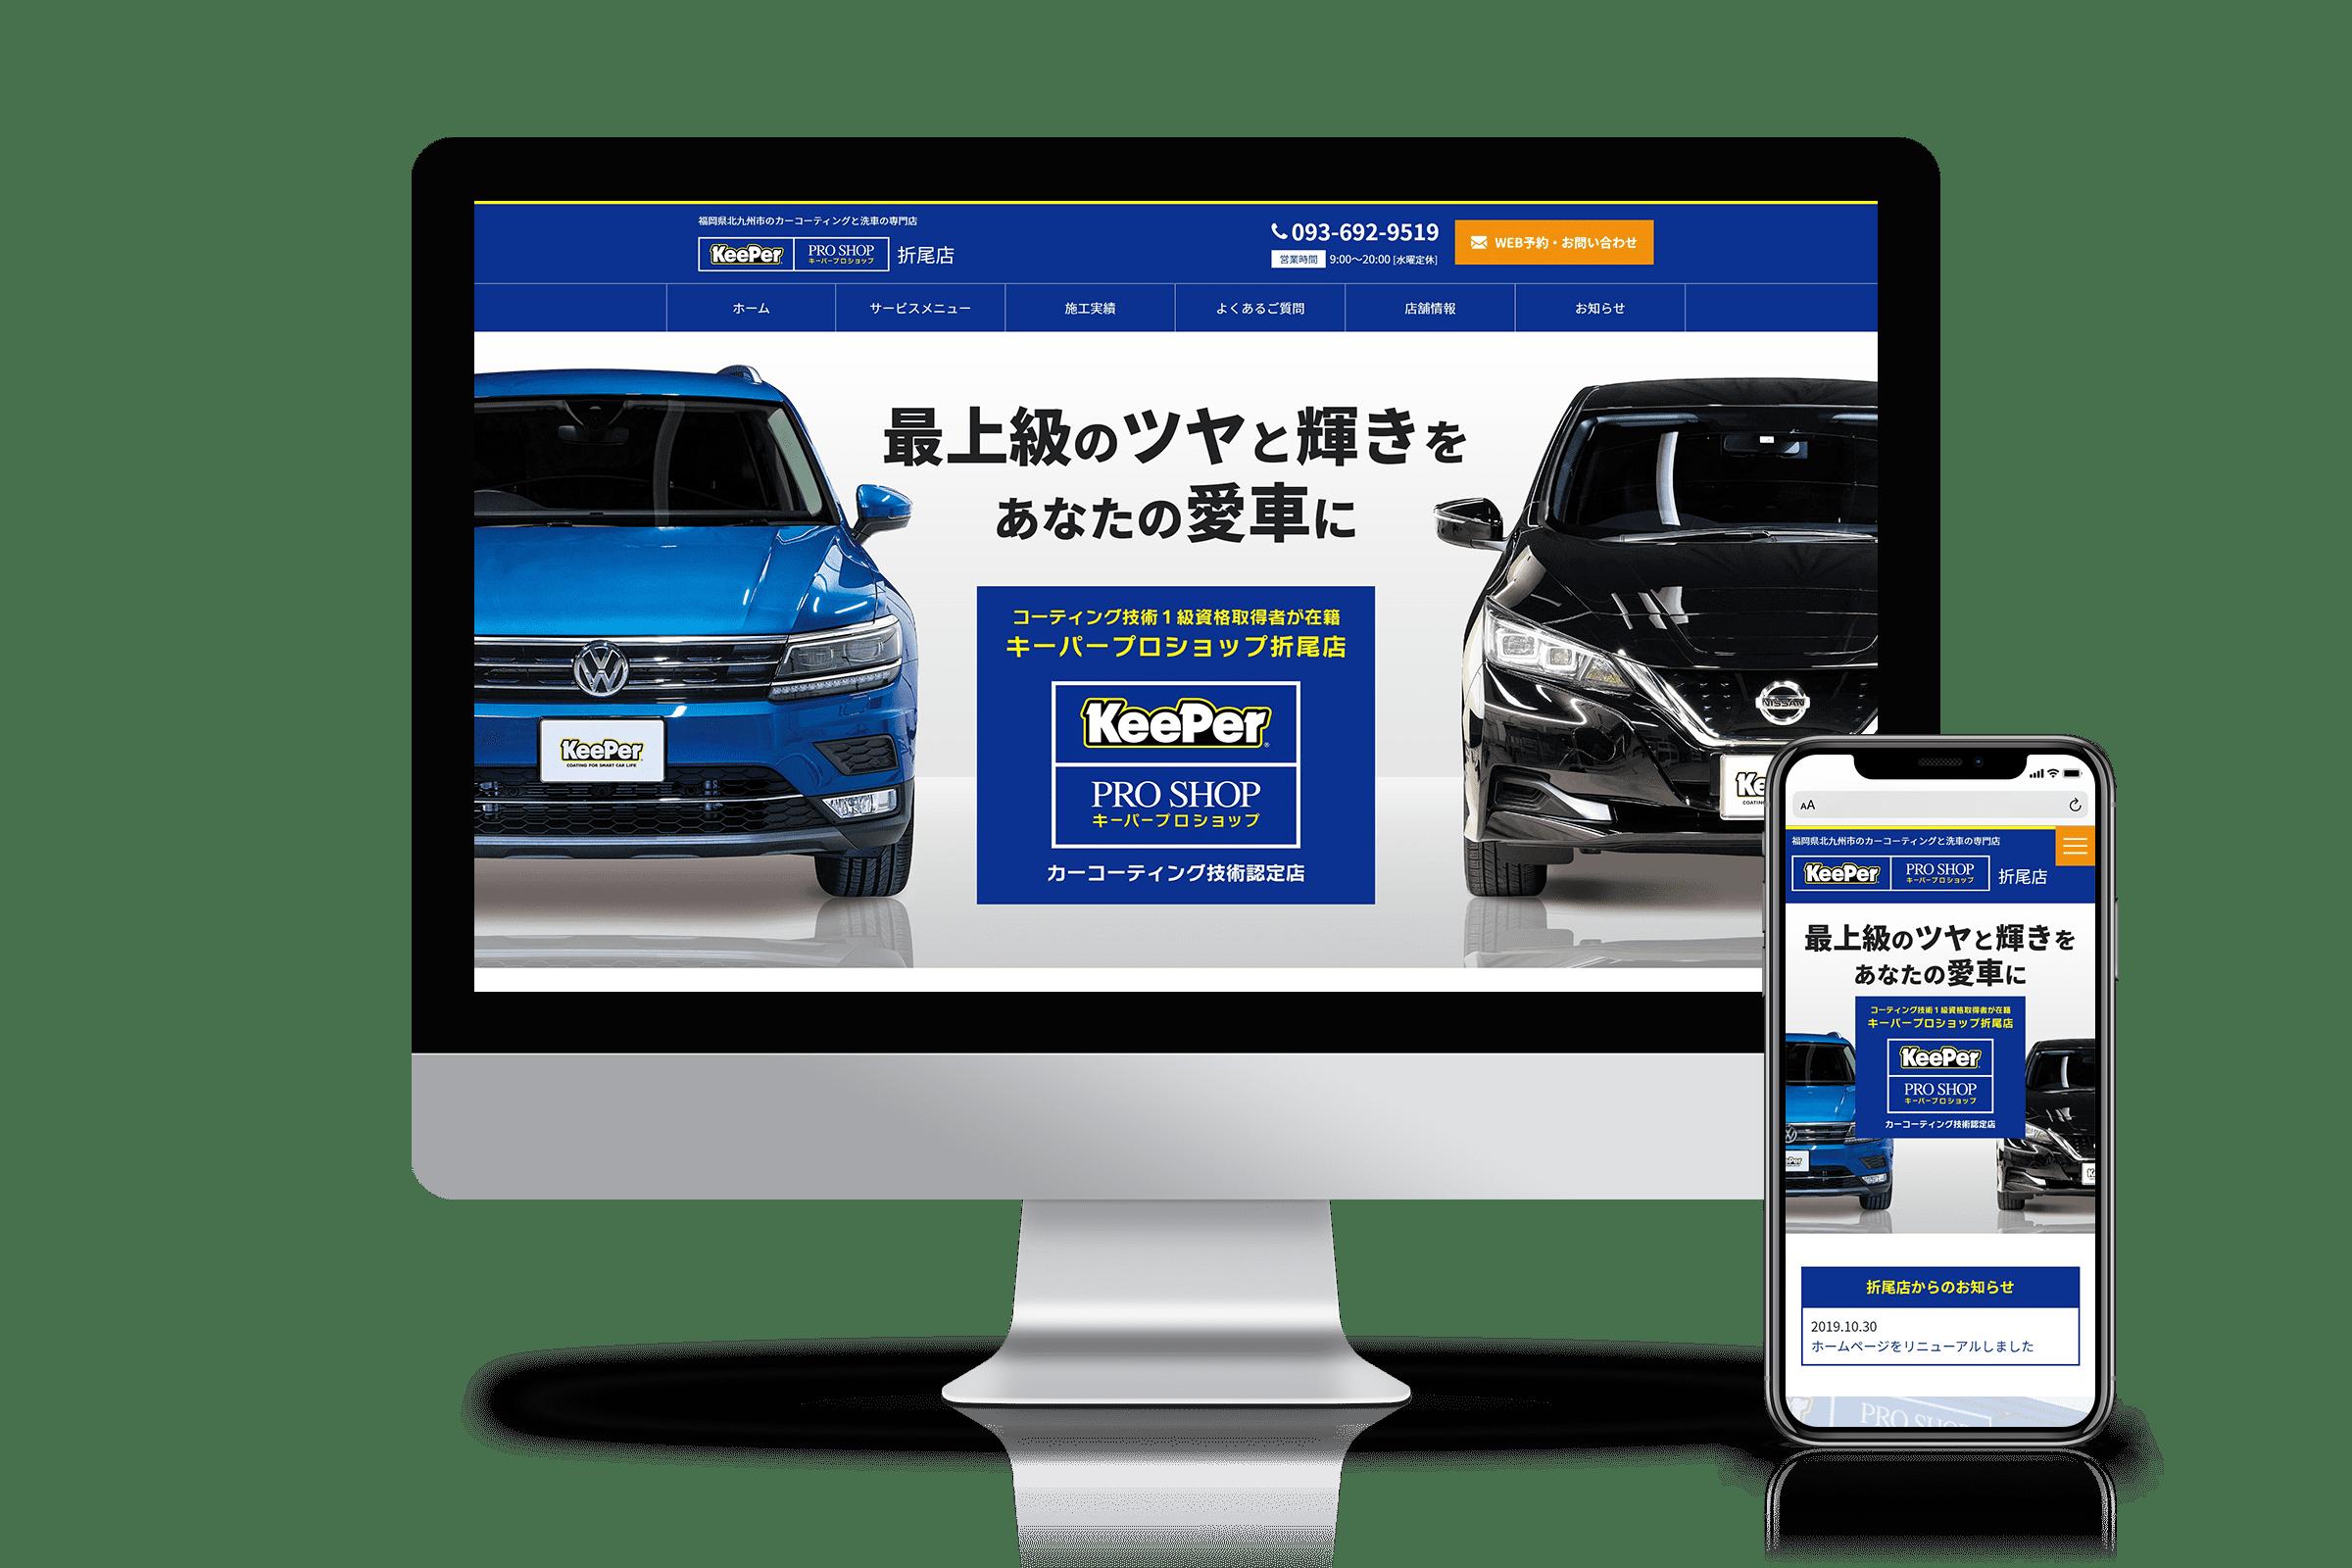 福岡・北九州のカーコーティング・キーパープロショップ